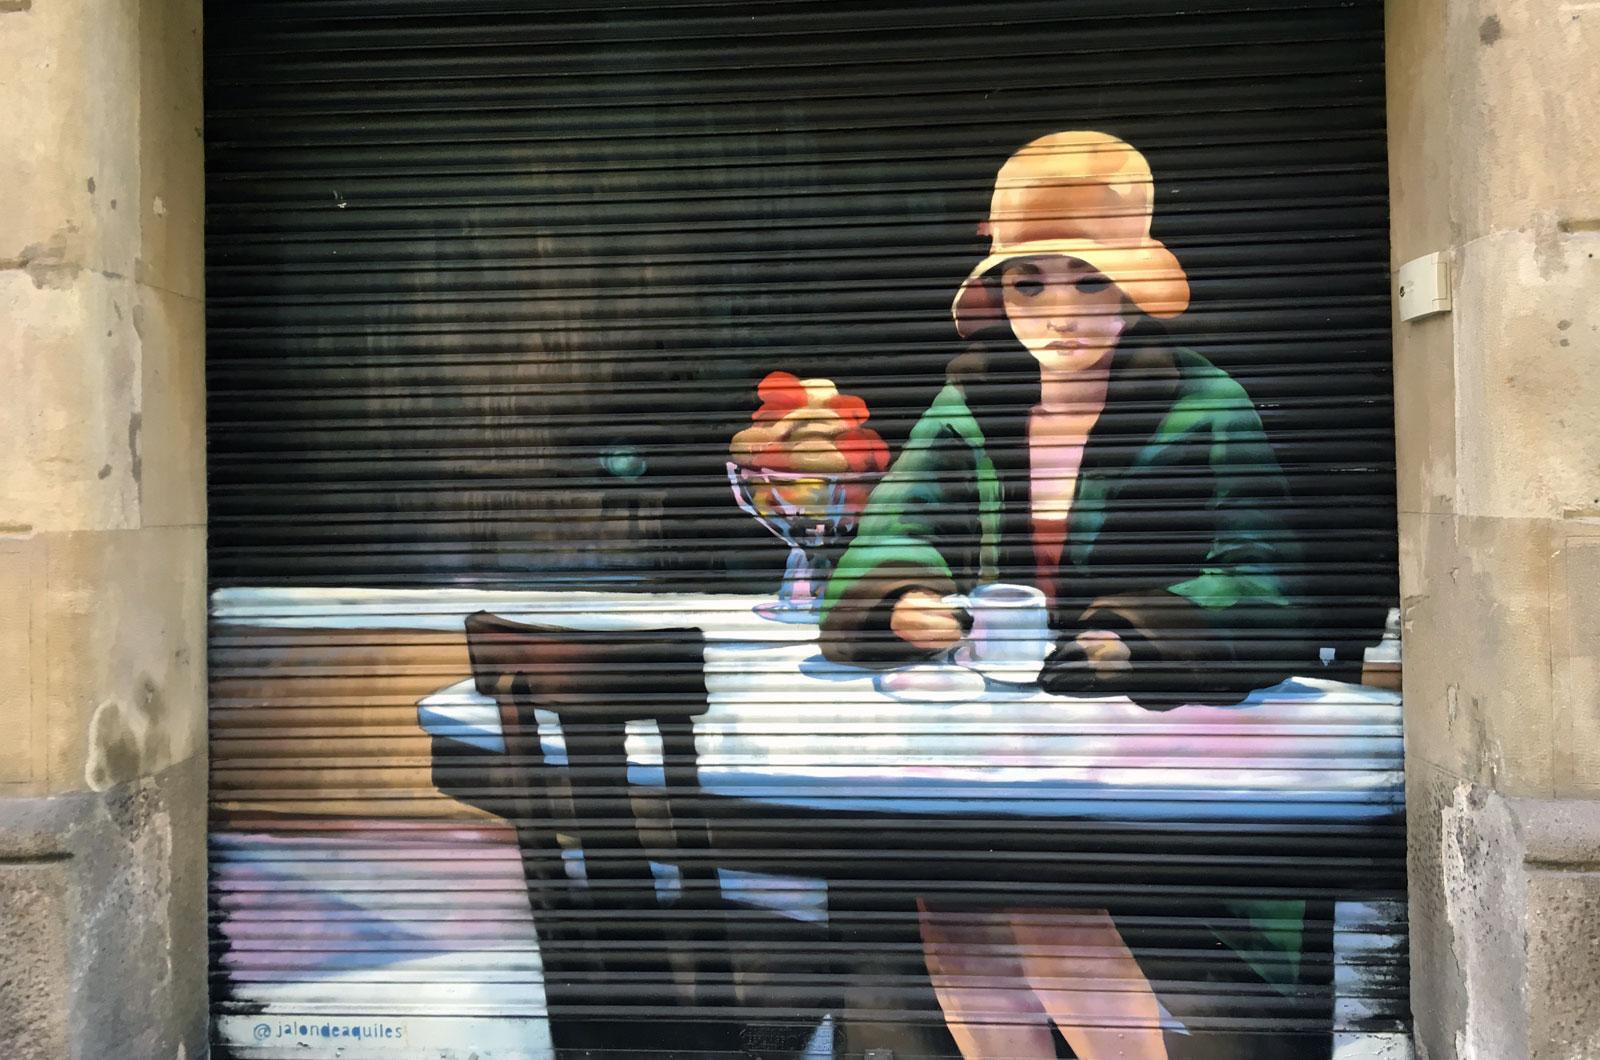 Vado de @jalondeaquiles en calle Enrique Granados, Barcelona